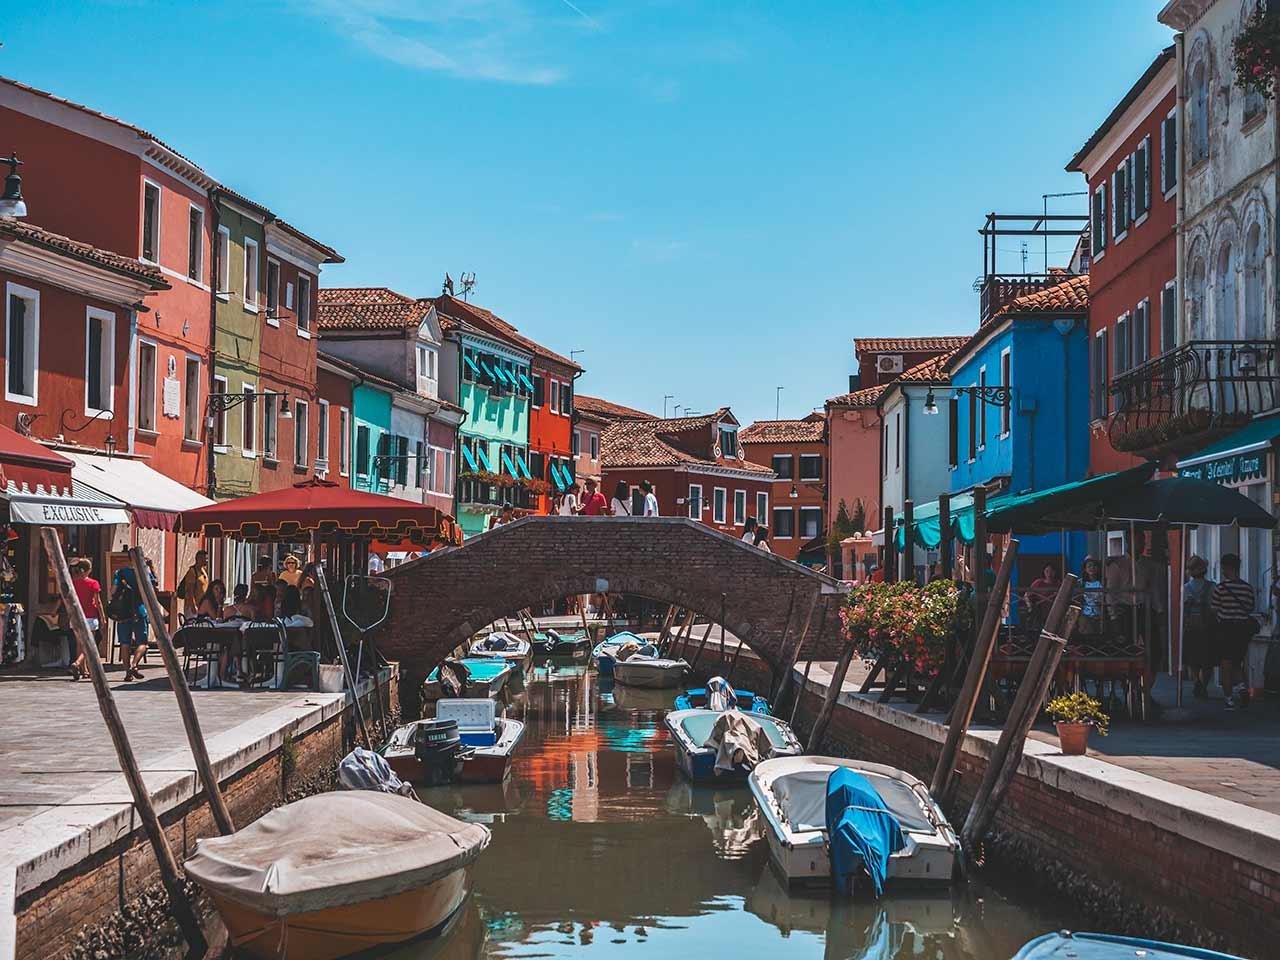 Buntes Venedig - Brücke, Boote und Restaurants